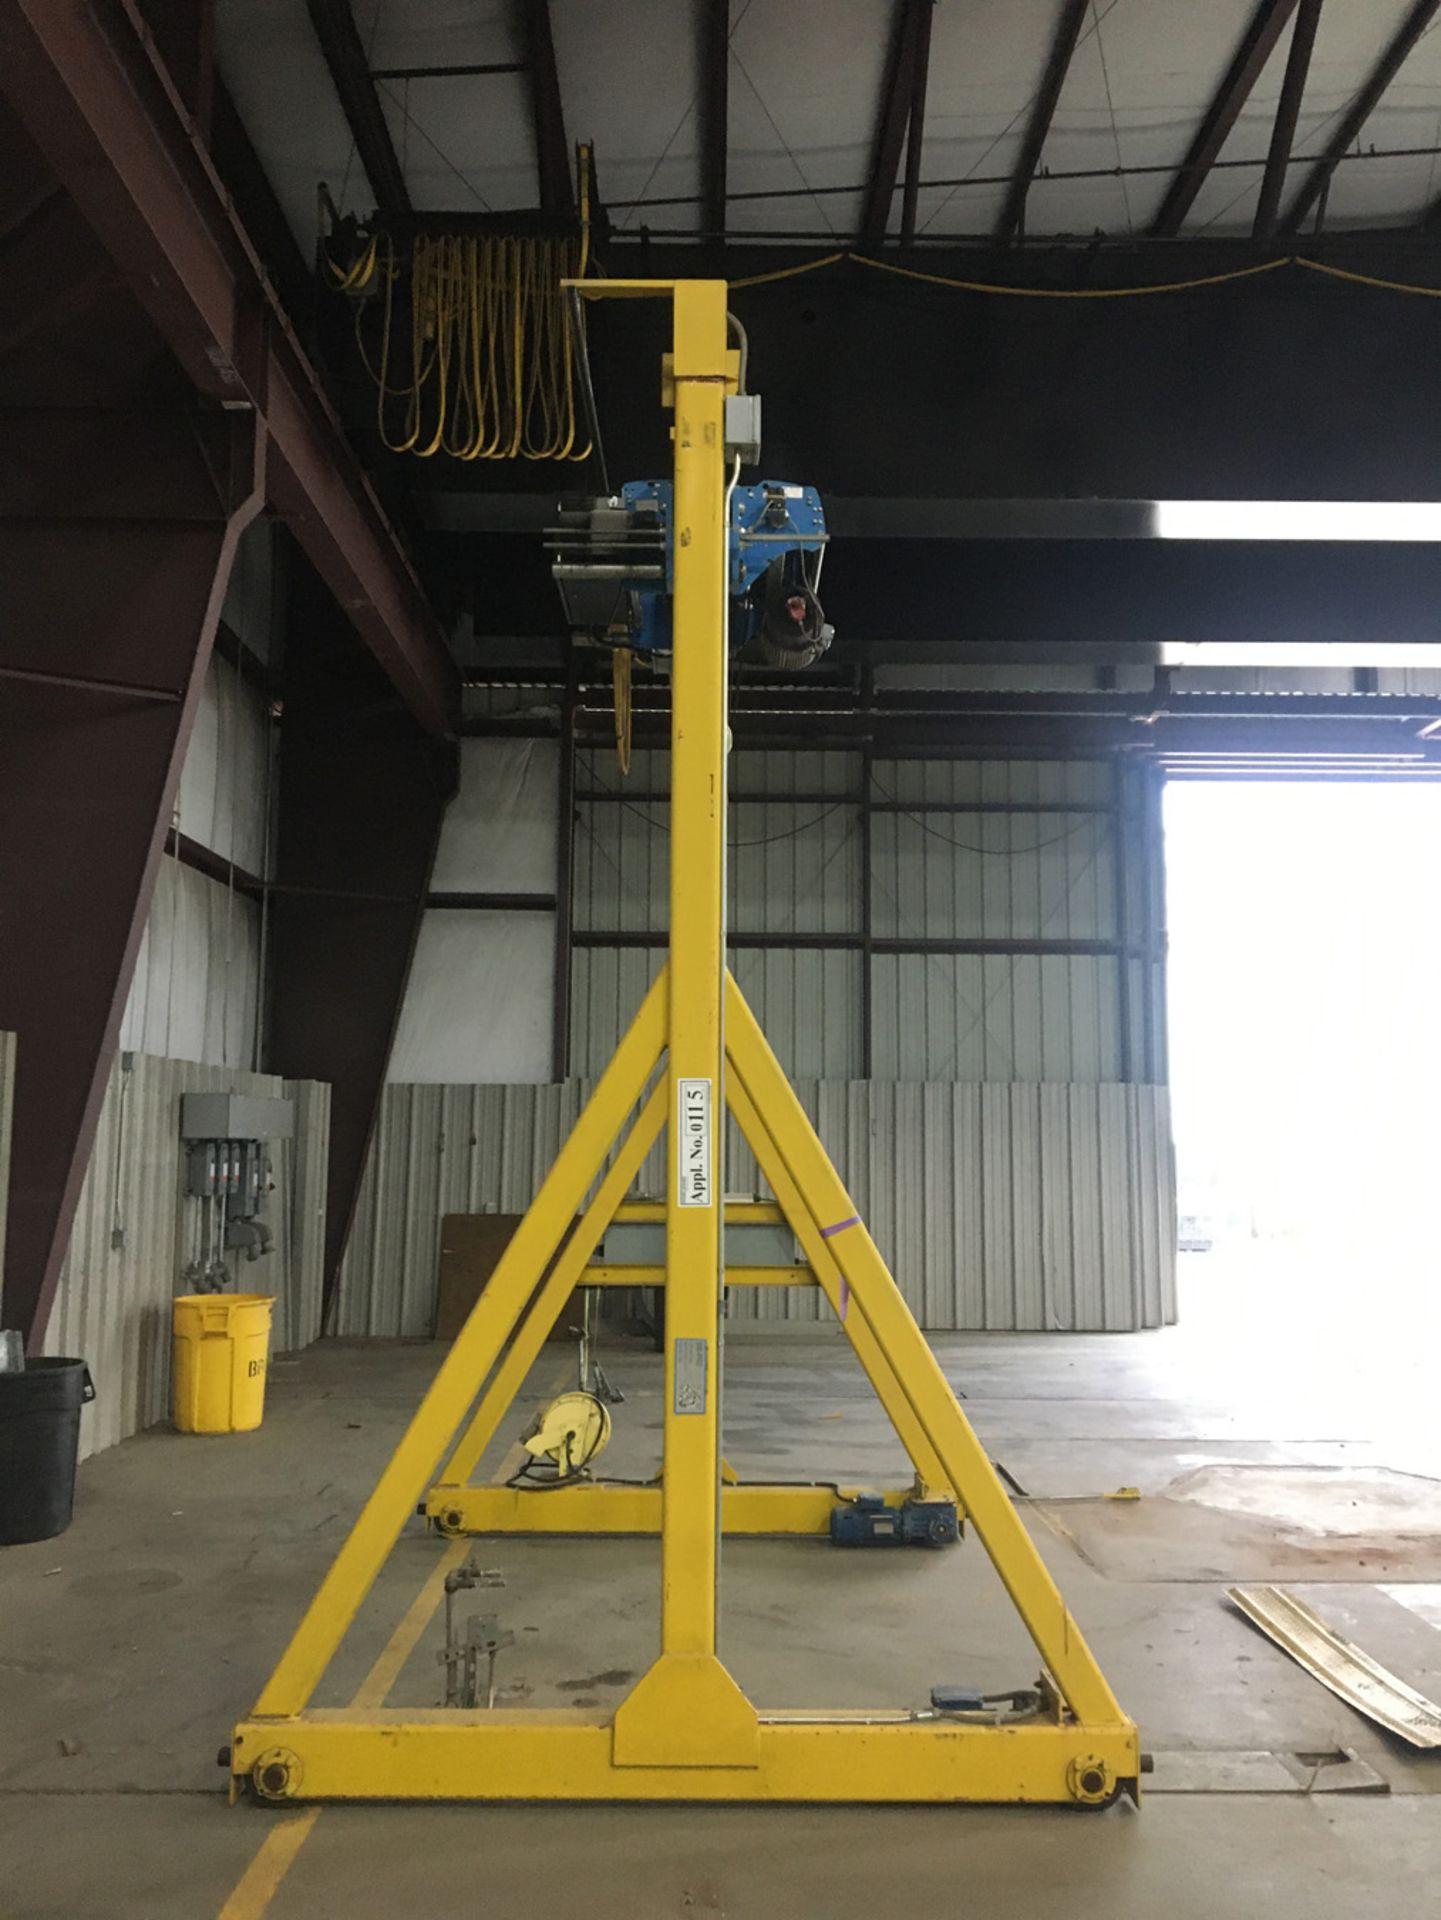 A Frame Crane - Image 4 of 6